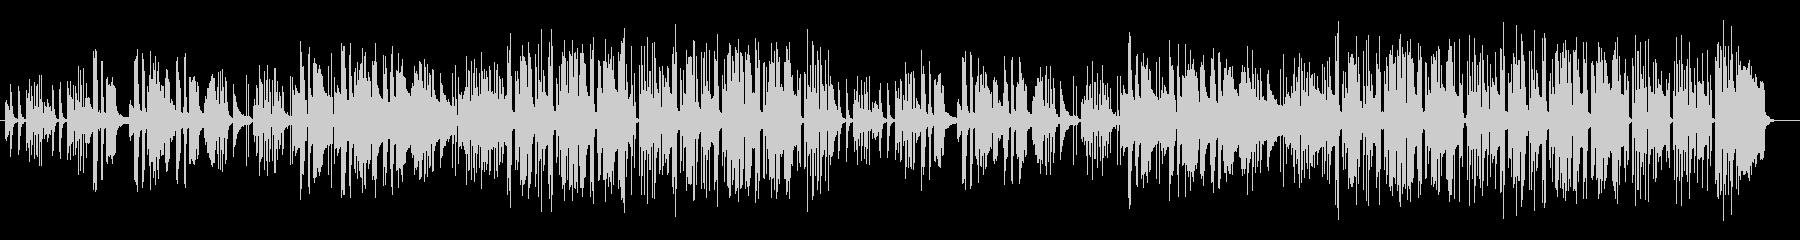 ほのぼのしたのどかなサウンドの未再生の波形